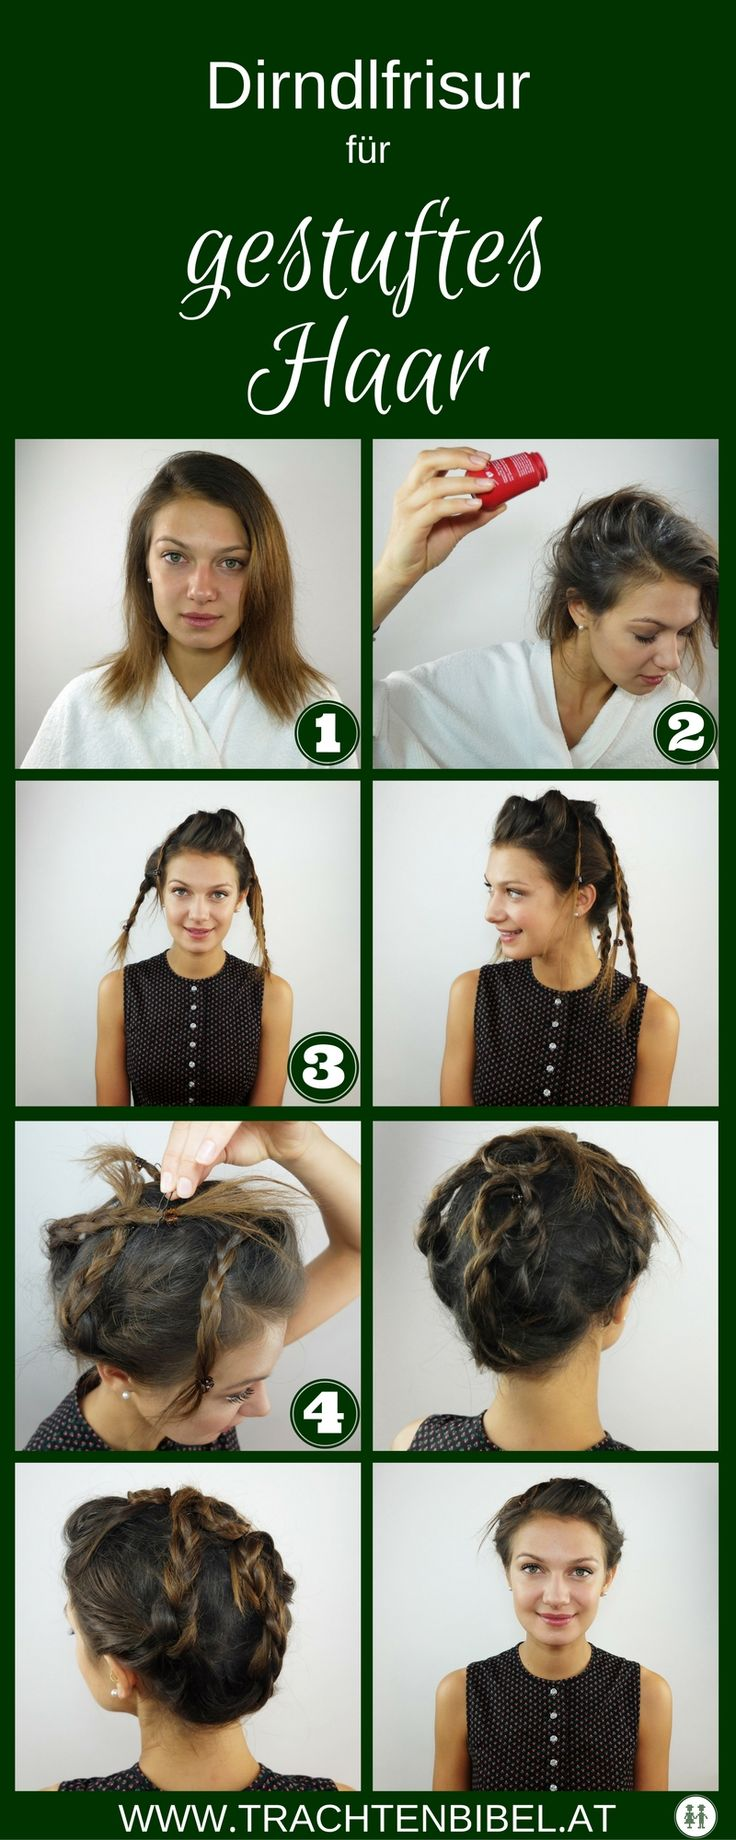 Dirndlfrisur für gestuftes Haar - einfach nachzumachen! #styling #tipp #tutorial  @trachtenbibel folgen und Tipps entdecken!